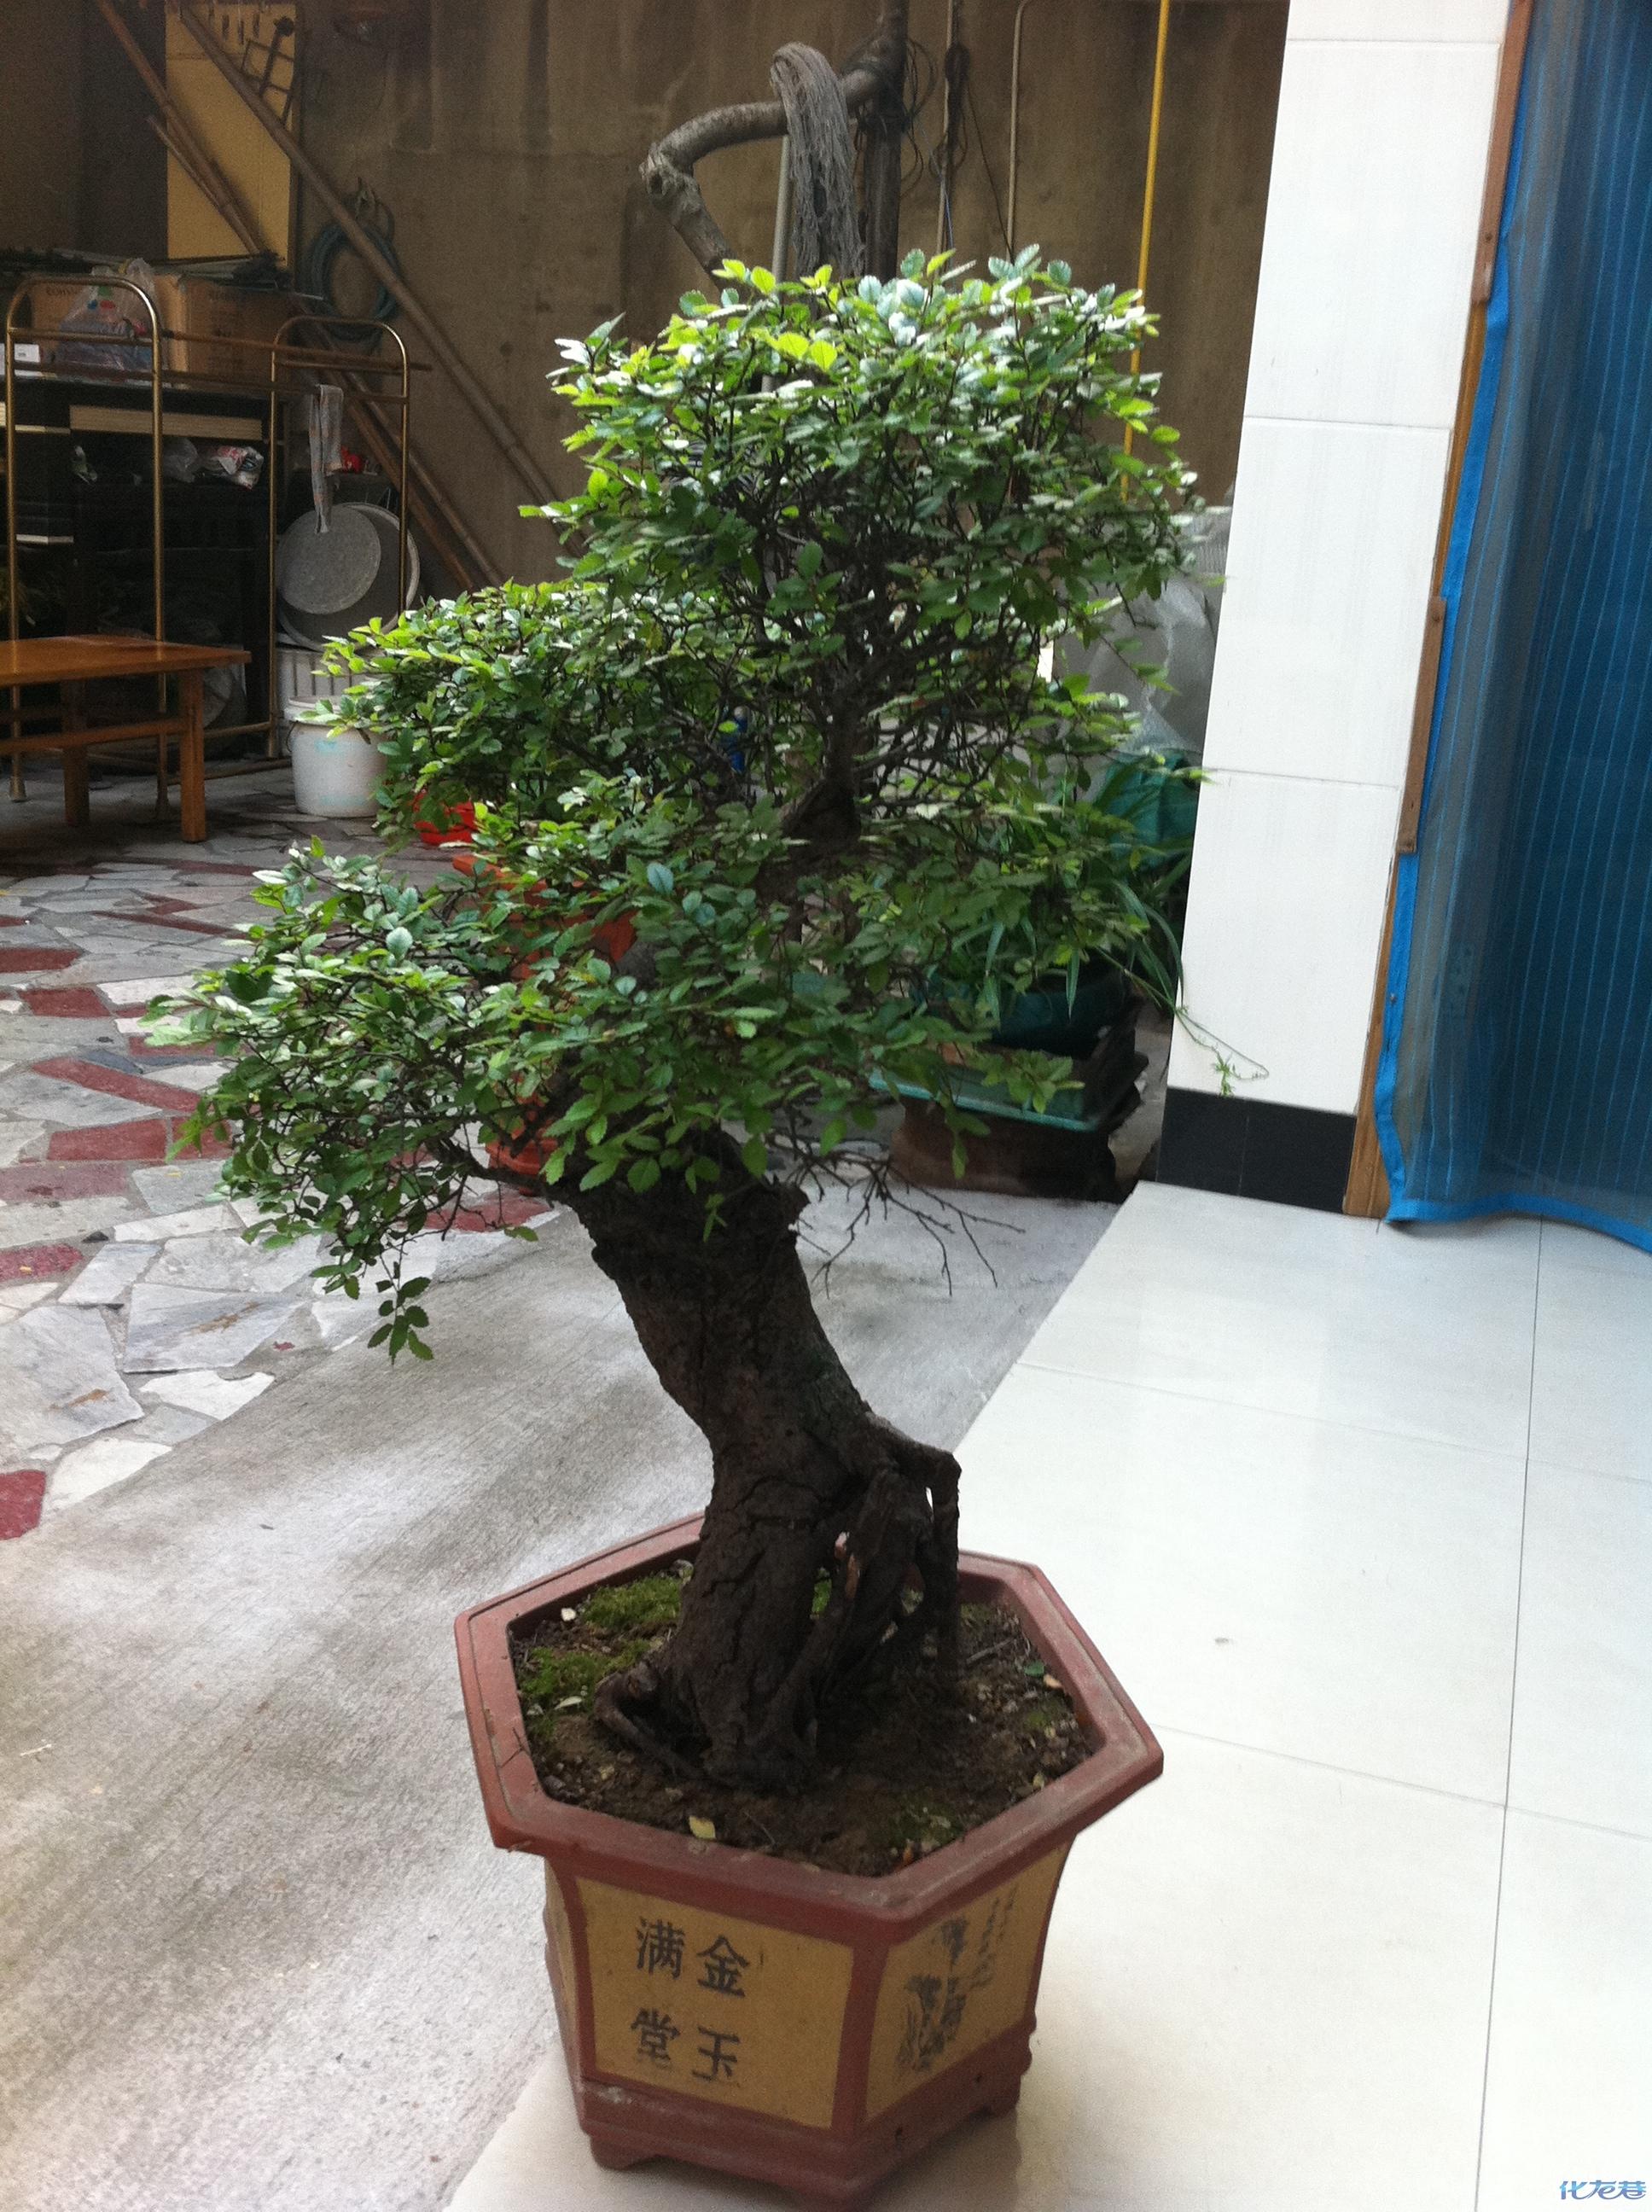 我家的榆树盆景---------------因为房子要拆迁了